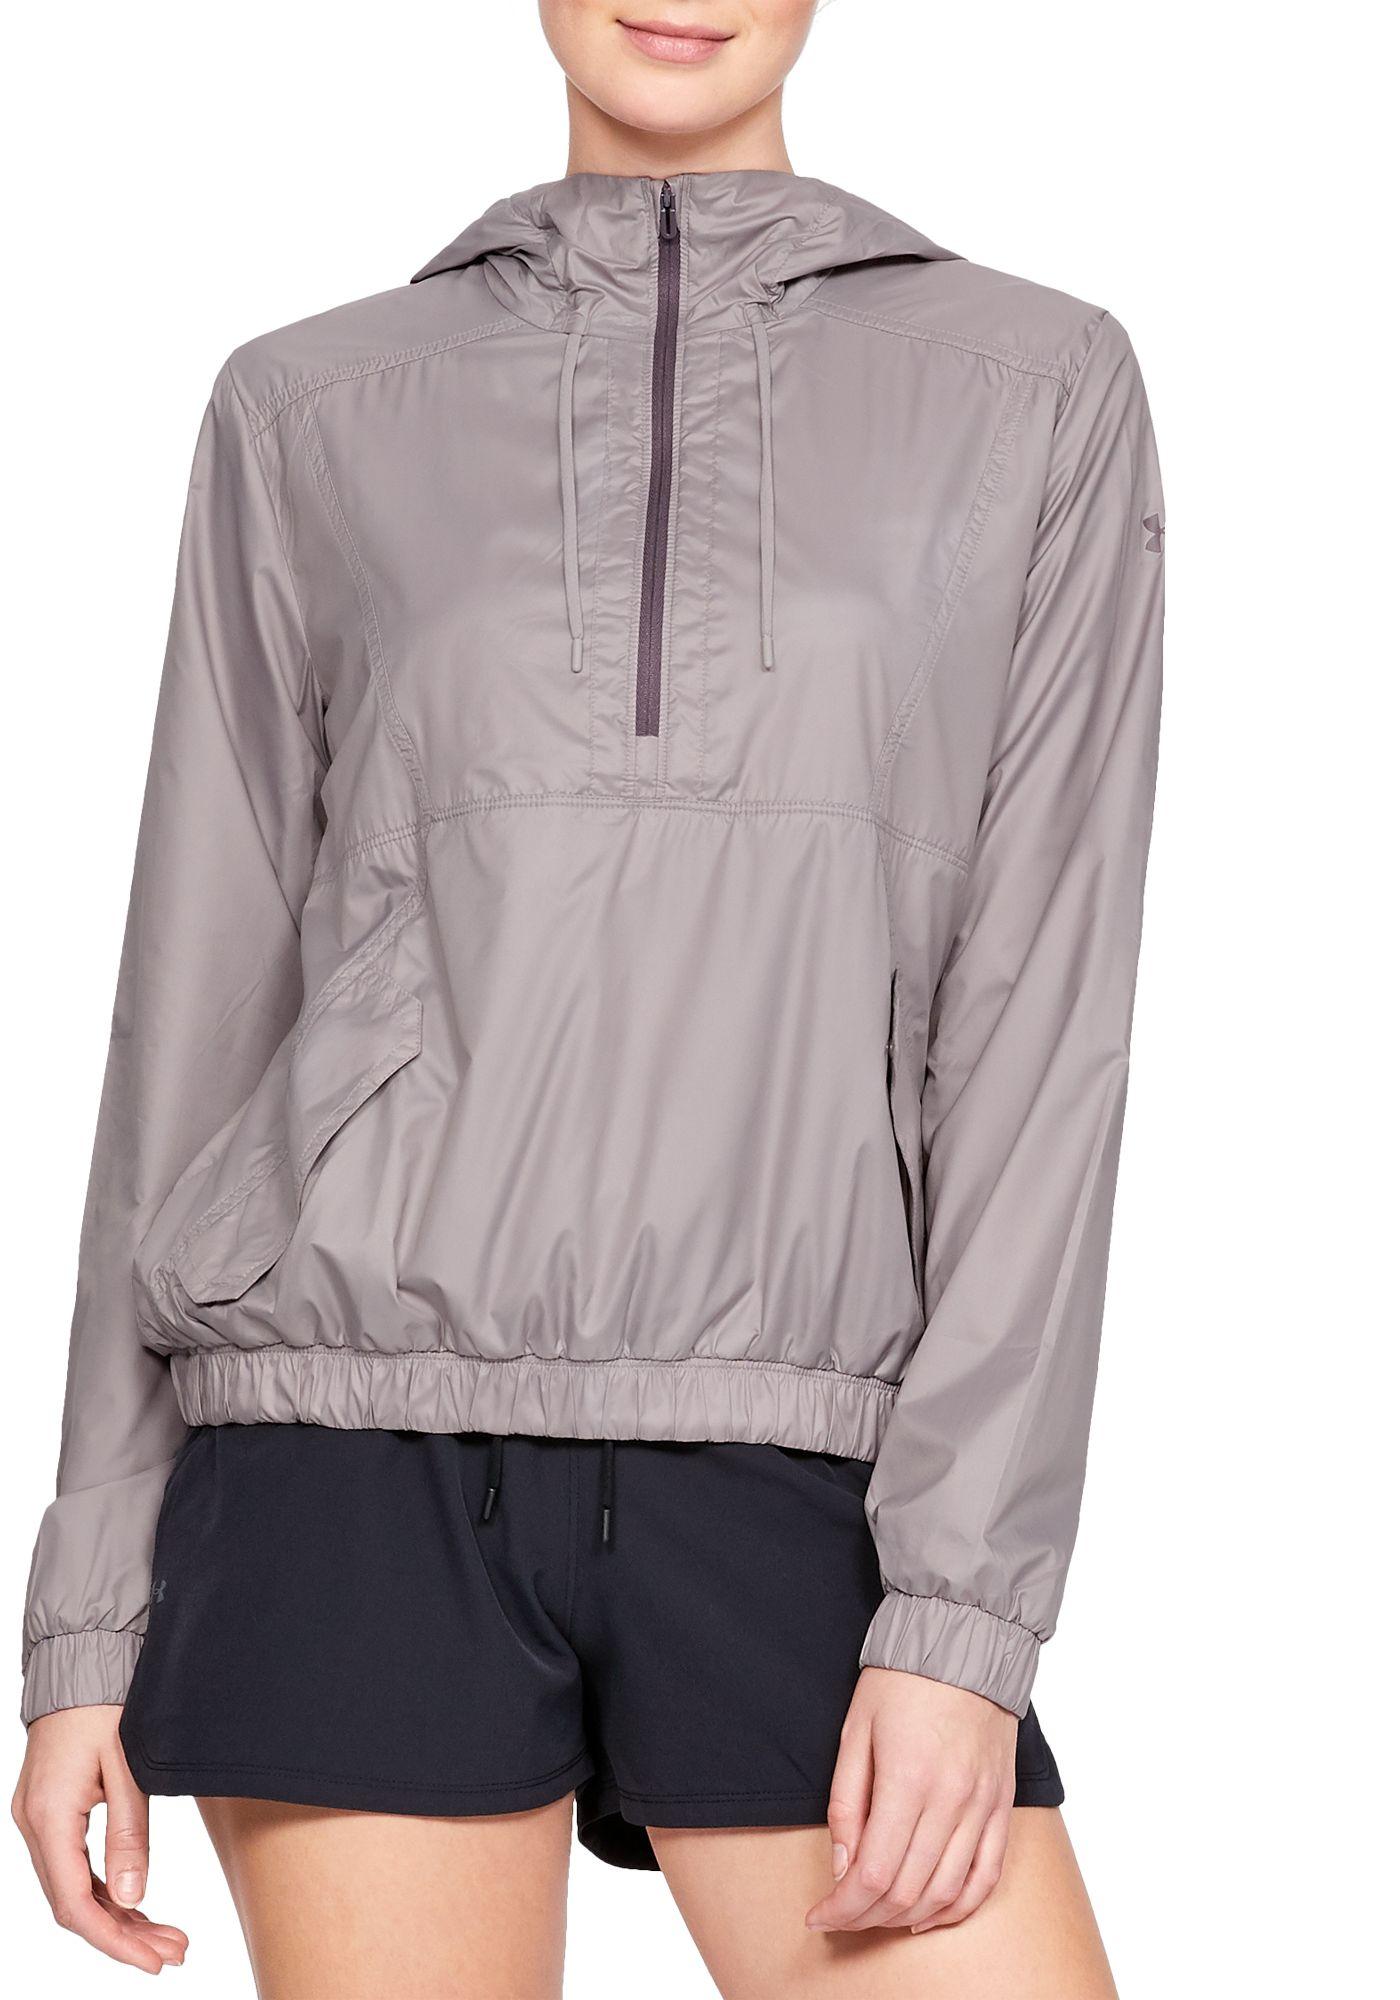 Under Armour Women's Windbreaker 1/2 Zip Anorak Jacket